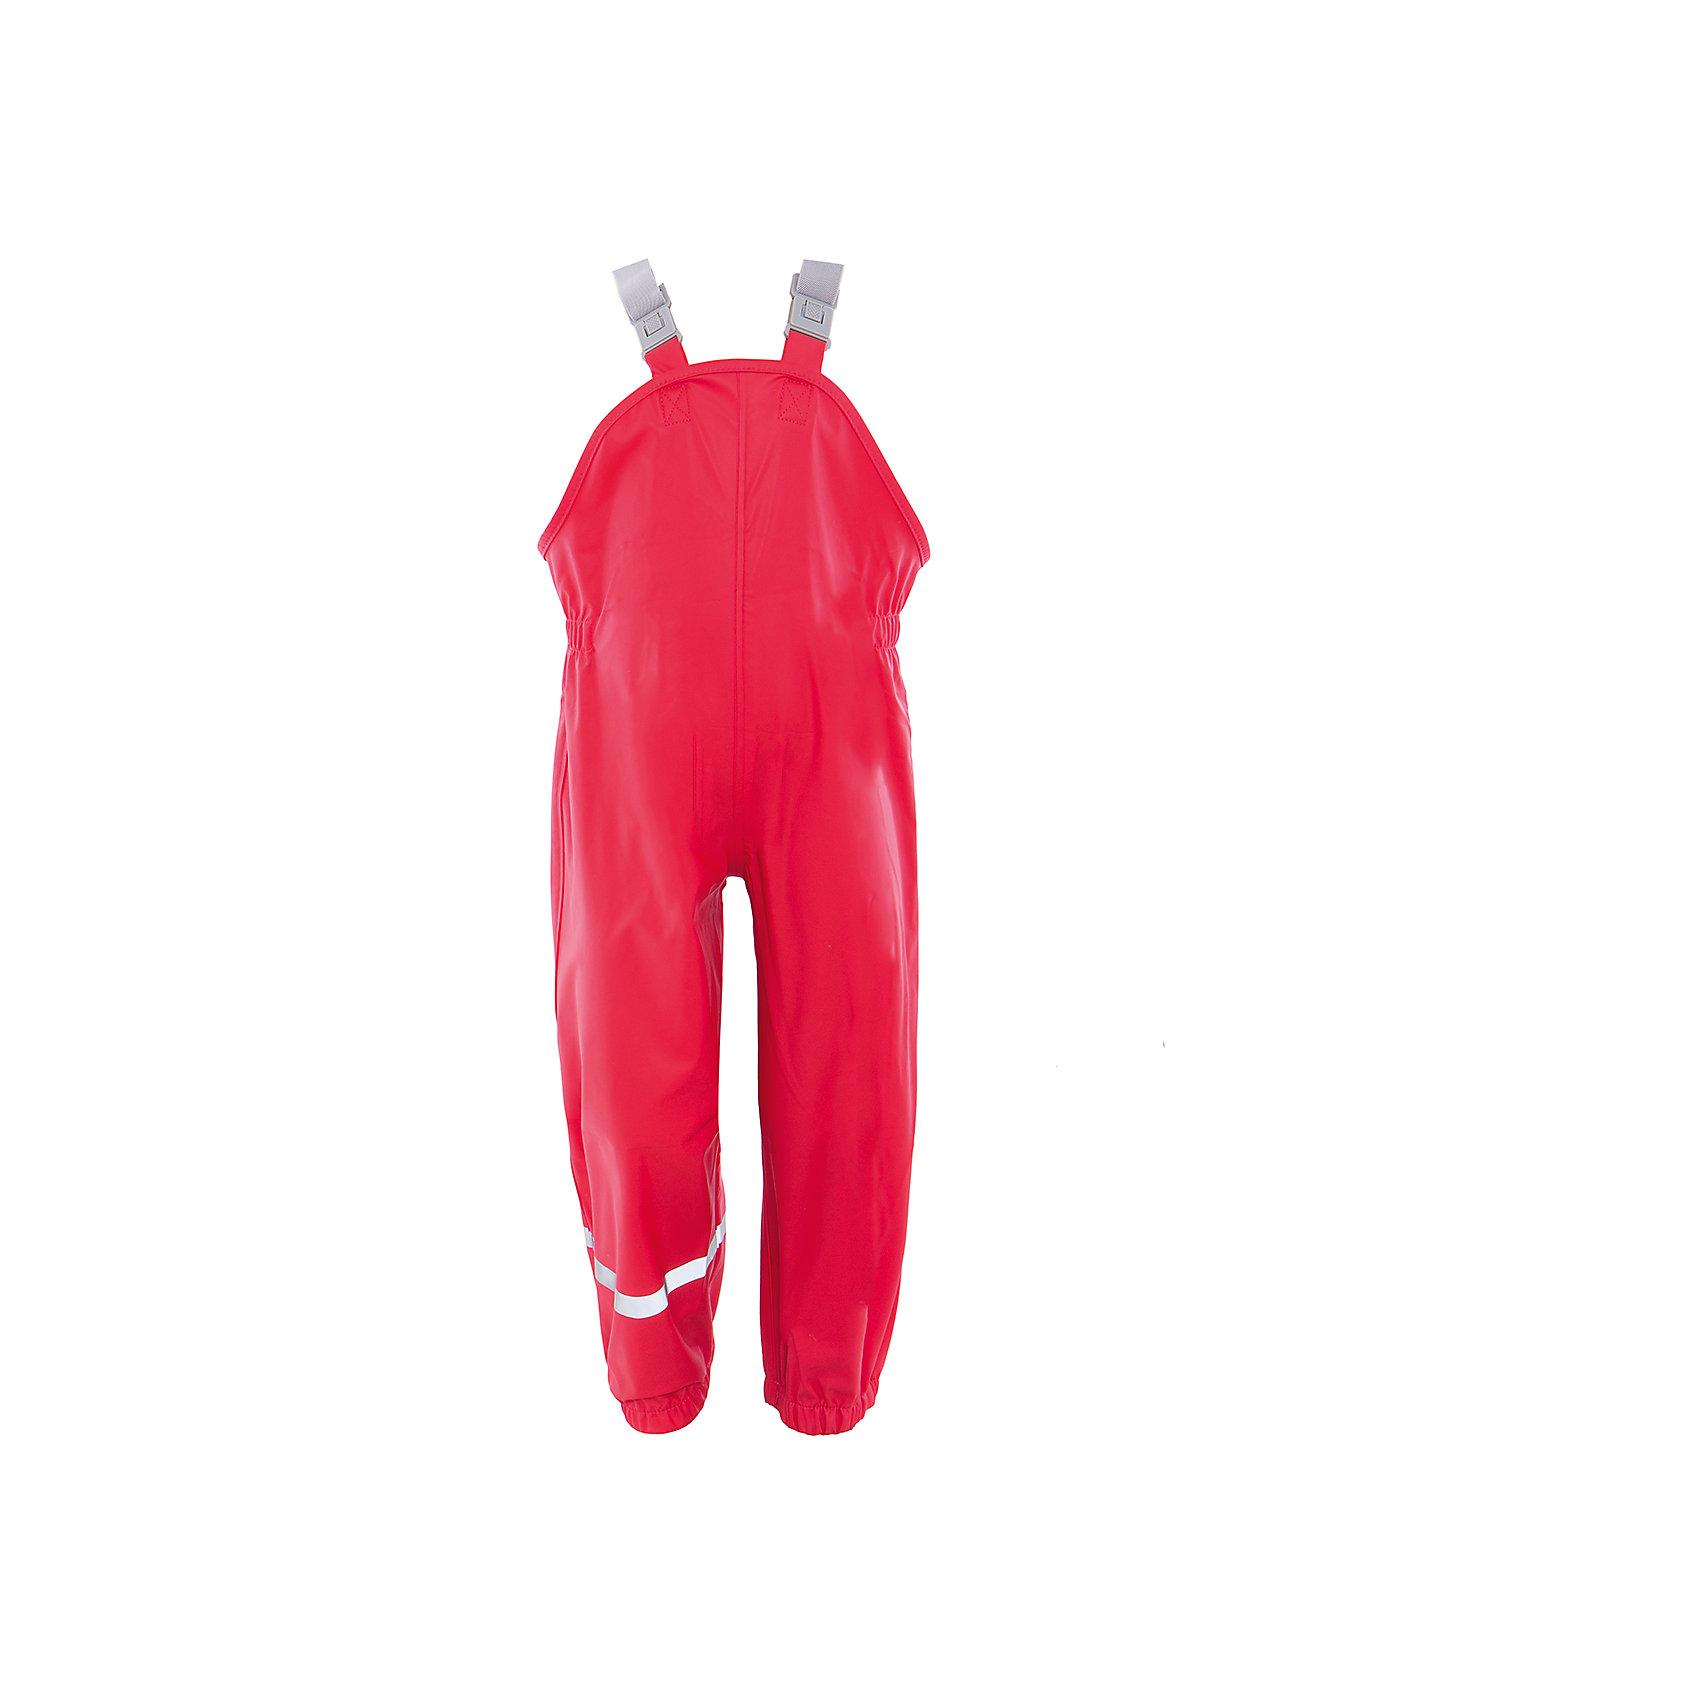 Непромокаемый полукомбинезон для девочки Color KidsВерхняя одежда<br>Характеристики товара:<br><br>• цвет: красный<br>• состав: 50% полиэстер, 50% полиуретан<br>• регулируемые подтяжки<br>• без утеплителя<br>• швы проклеены<br>• водонепроницаемый <br>• ветрозащитный<br>• светоотражающие детали<br>• эластичные манжеты<br>• эластичная талия<br>• сезон: демисезон<br>• температурный режим: +10 до +20<br>• страна производства: Китай<br>• страна бренда: Дания<br><br>Такой удобный комбинезон сделан из непромокаемого легкого материала, поэтому отлично подойдет для дождливой погоды в межсезонье. <br><br>Одежду от датского бренда Color Kids уже успели оценить многие потребители по всему миру! Она удобная и красивая, если линейки, разработанные специально для детей. <br><br>Для производства изделий используются только безопасные, качественные материалы и фурнитура. Подарите своем у ребенку модную и комфортную одежду от известного бренда!<br><br>Полукомбинезон для девочки от датского бренда Color Kids (Колор кидз) можно купить в нашем интернет-магазине.<br><br>Ширина мм: 215<br>Глубина мм: 88<br>Высота мм: 191<br>Вес г: 336<br>Цвет: красный<br>Возраст от месяцев: 84<br>Возраст до месяцев: 96<br>Пол: Женский<br>Возраст: Детский<br>Размер: 128,104,98,122,110<br>SKU: 5557293